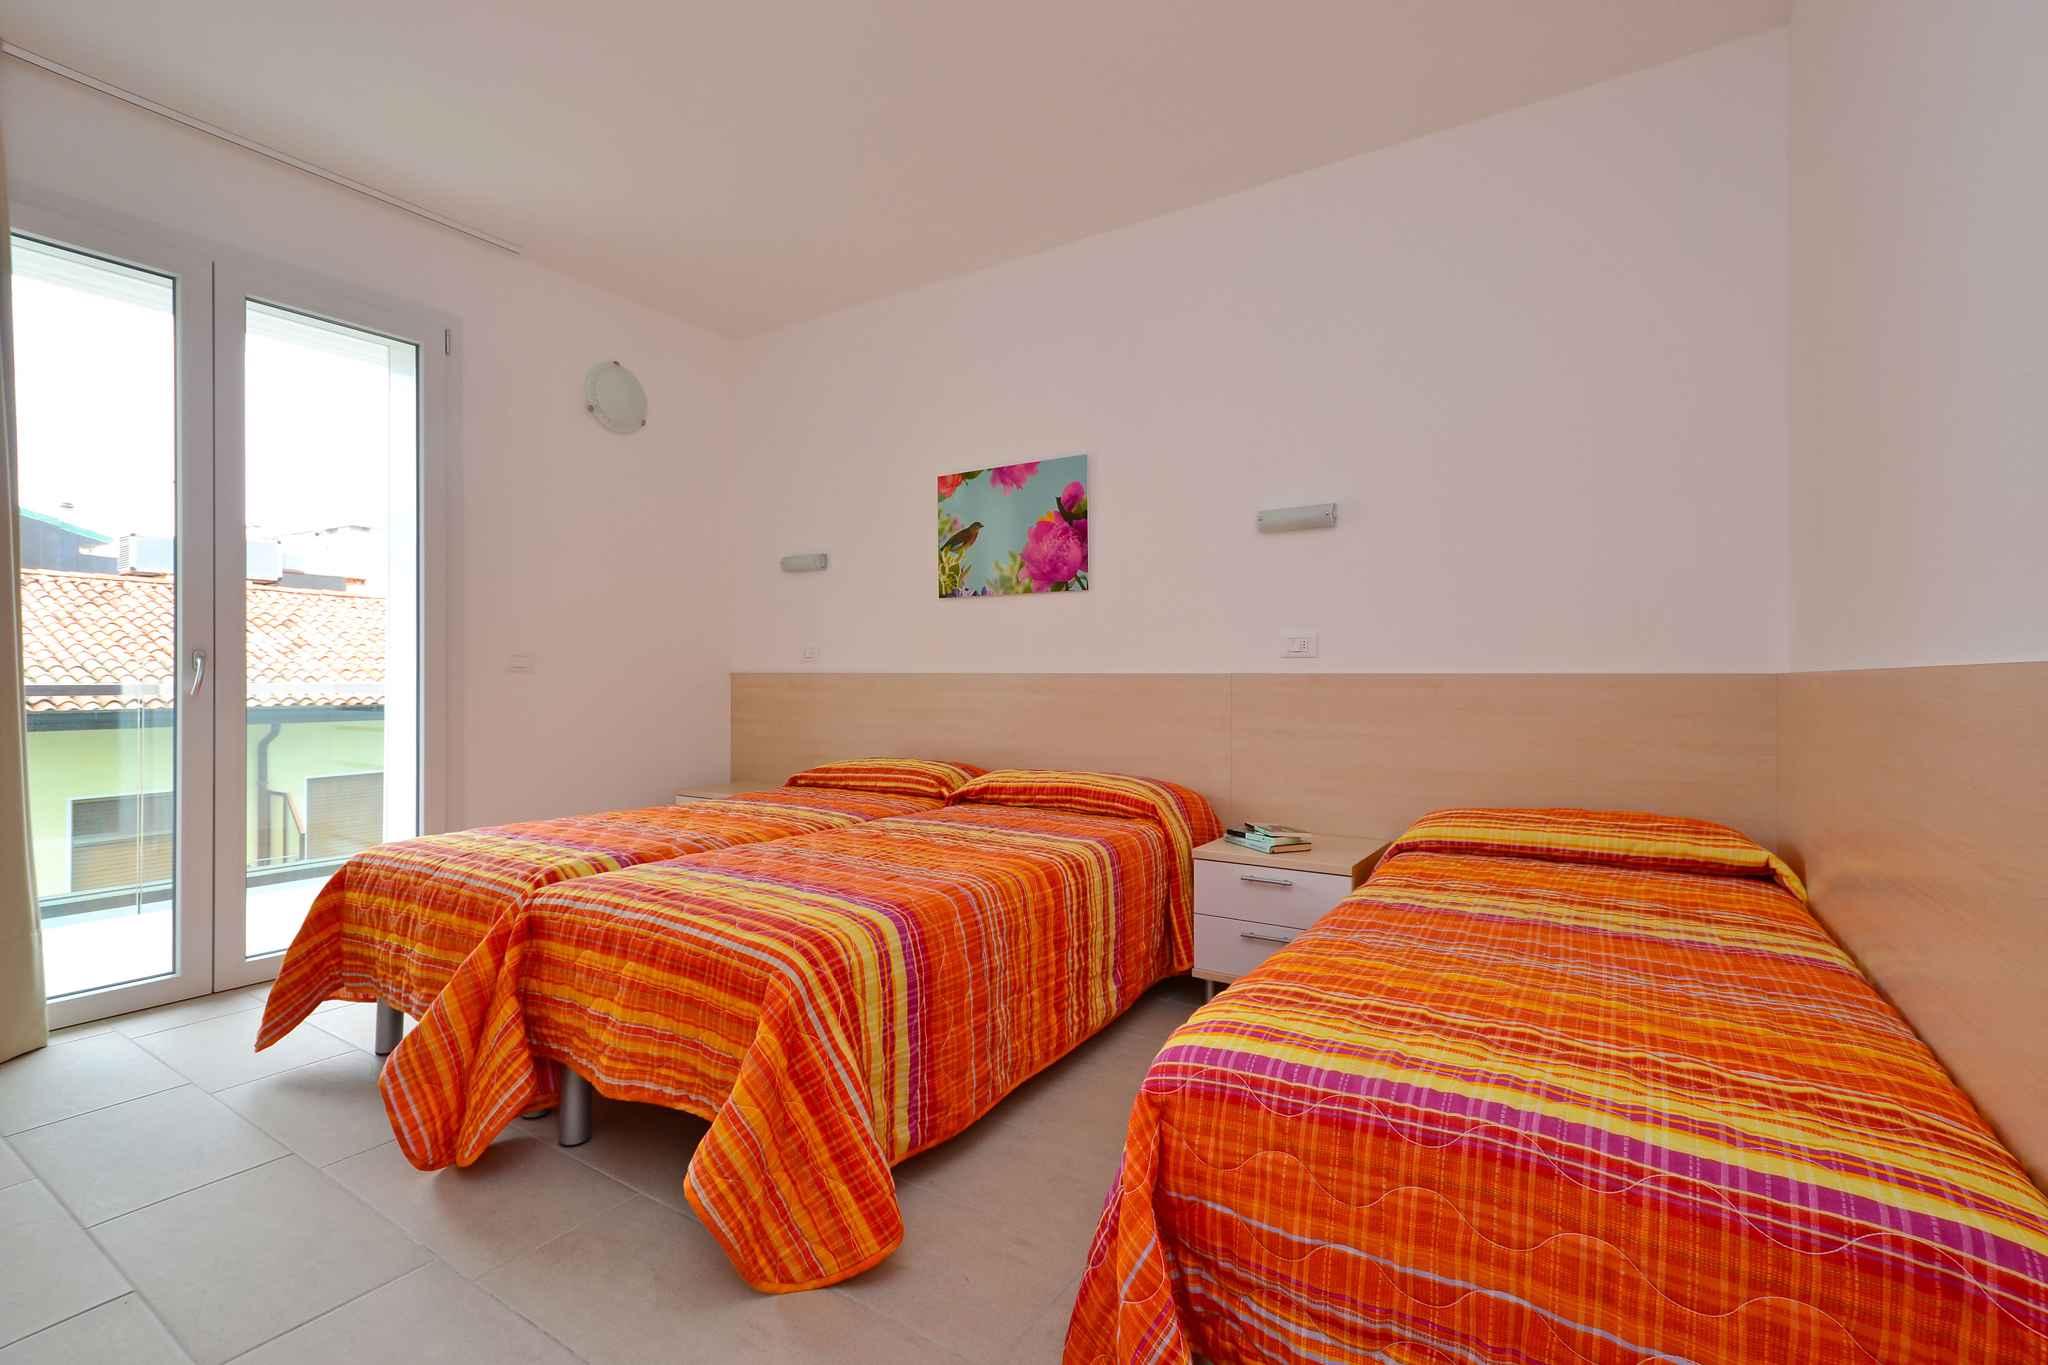 Ferienwohnung mit Klimaanlage (279375), Lignano Sabbiadoro, Adriaküste (Friaul-Julisch Venetien), Friaul-Julisch Venetien, Italien, Bild 12